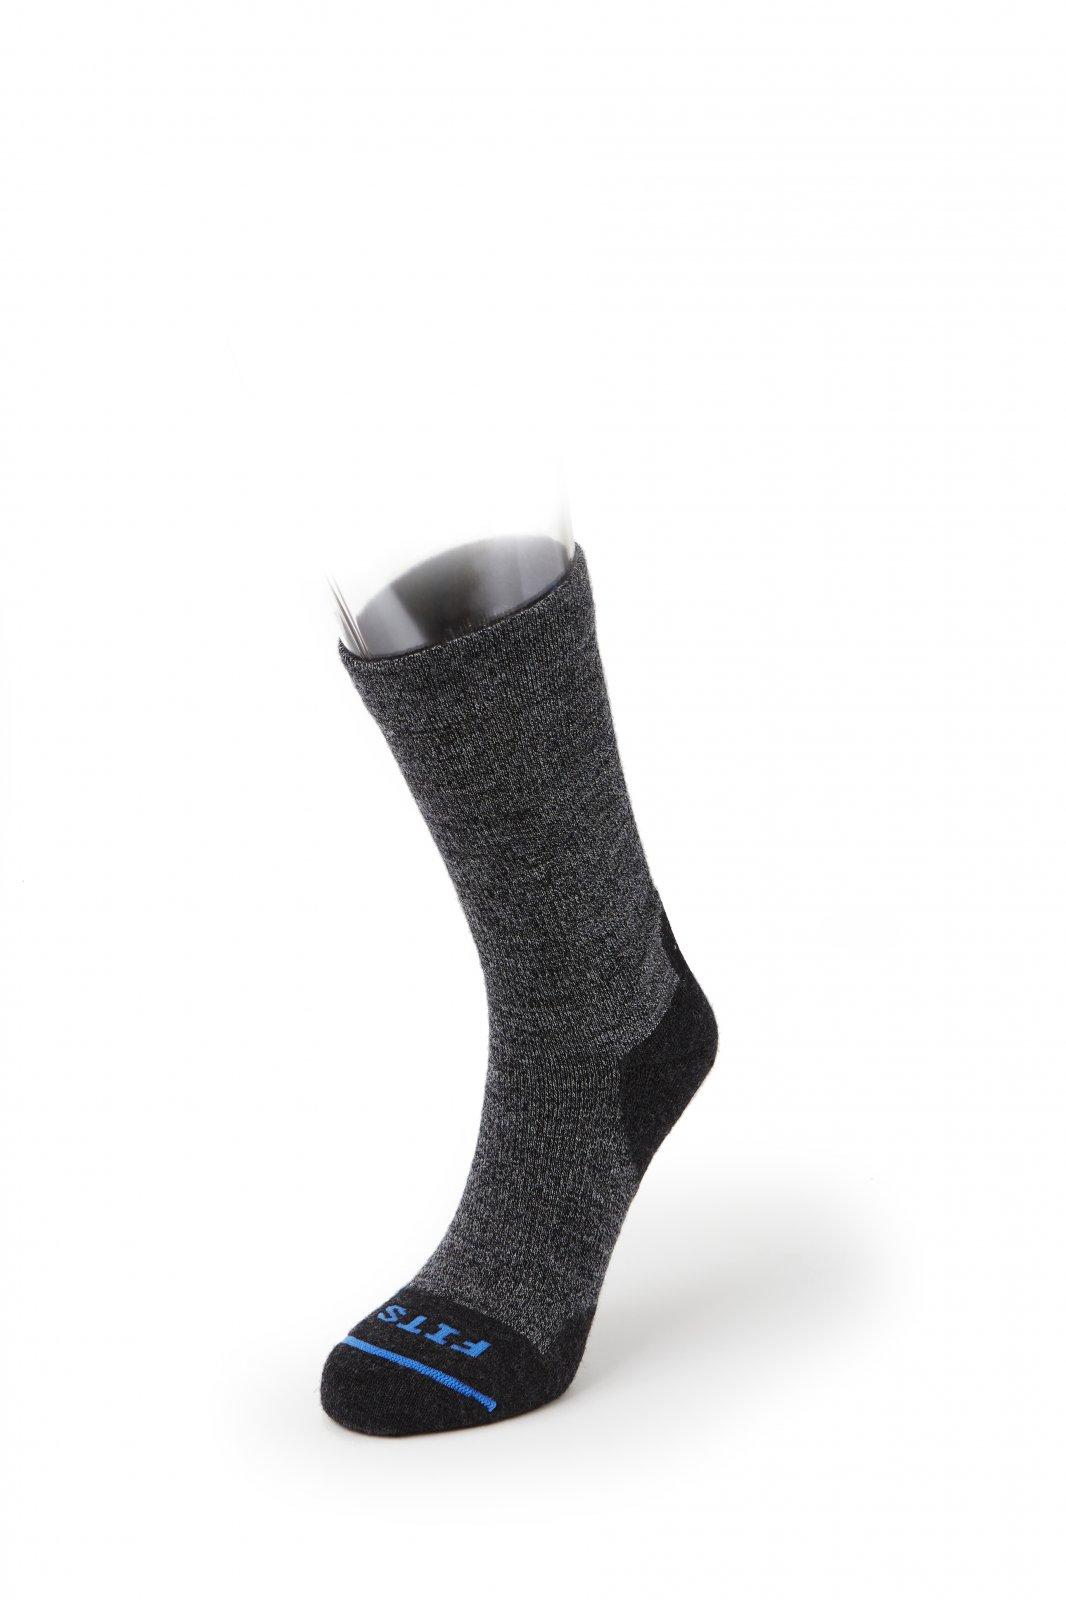 FITS Light Hiker Crew Socks